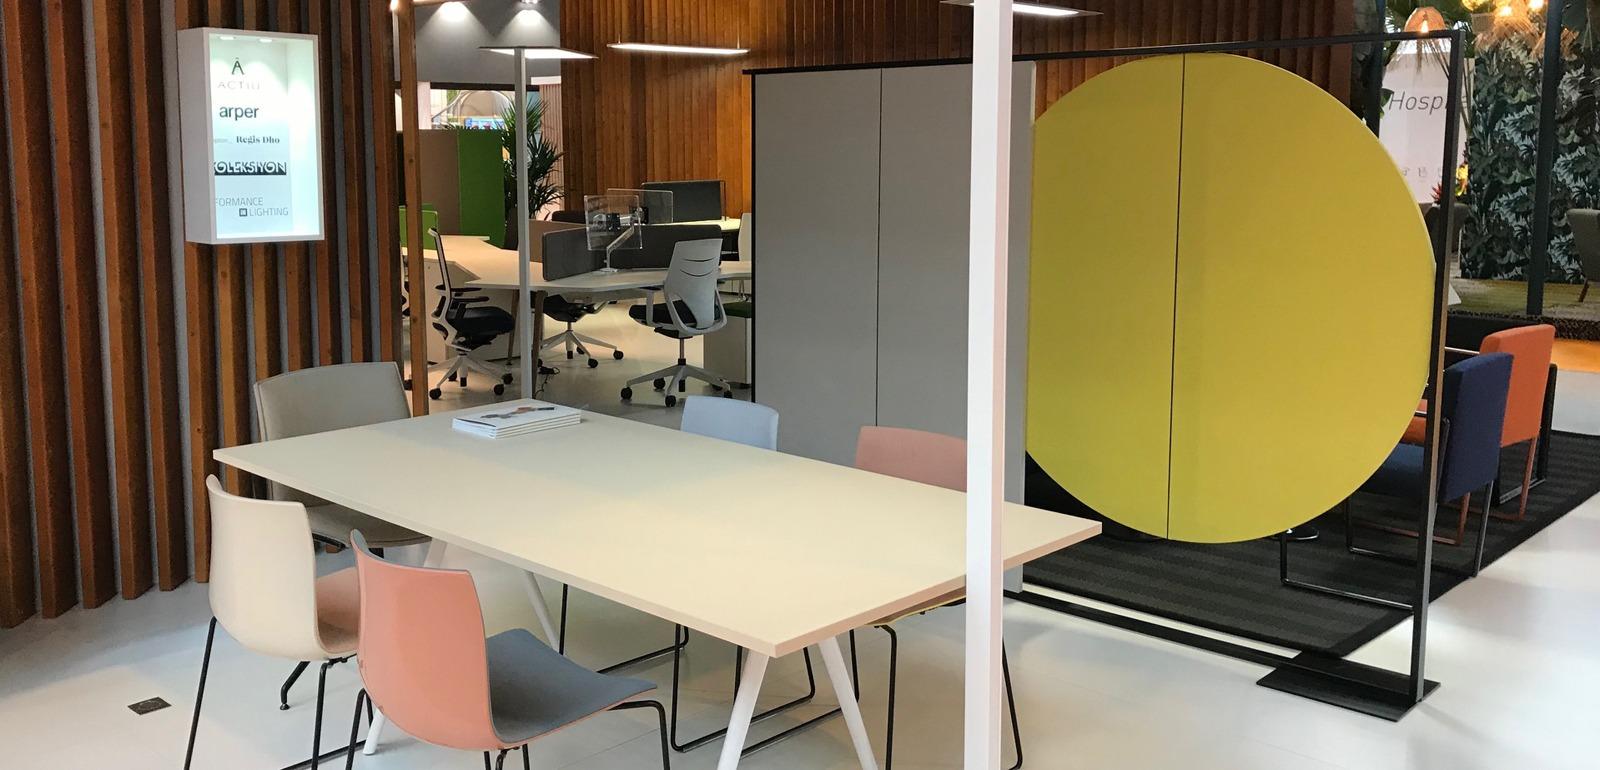 Retour en images silvera a workspace expo silvera for Salon workspace